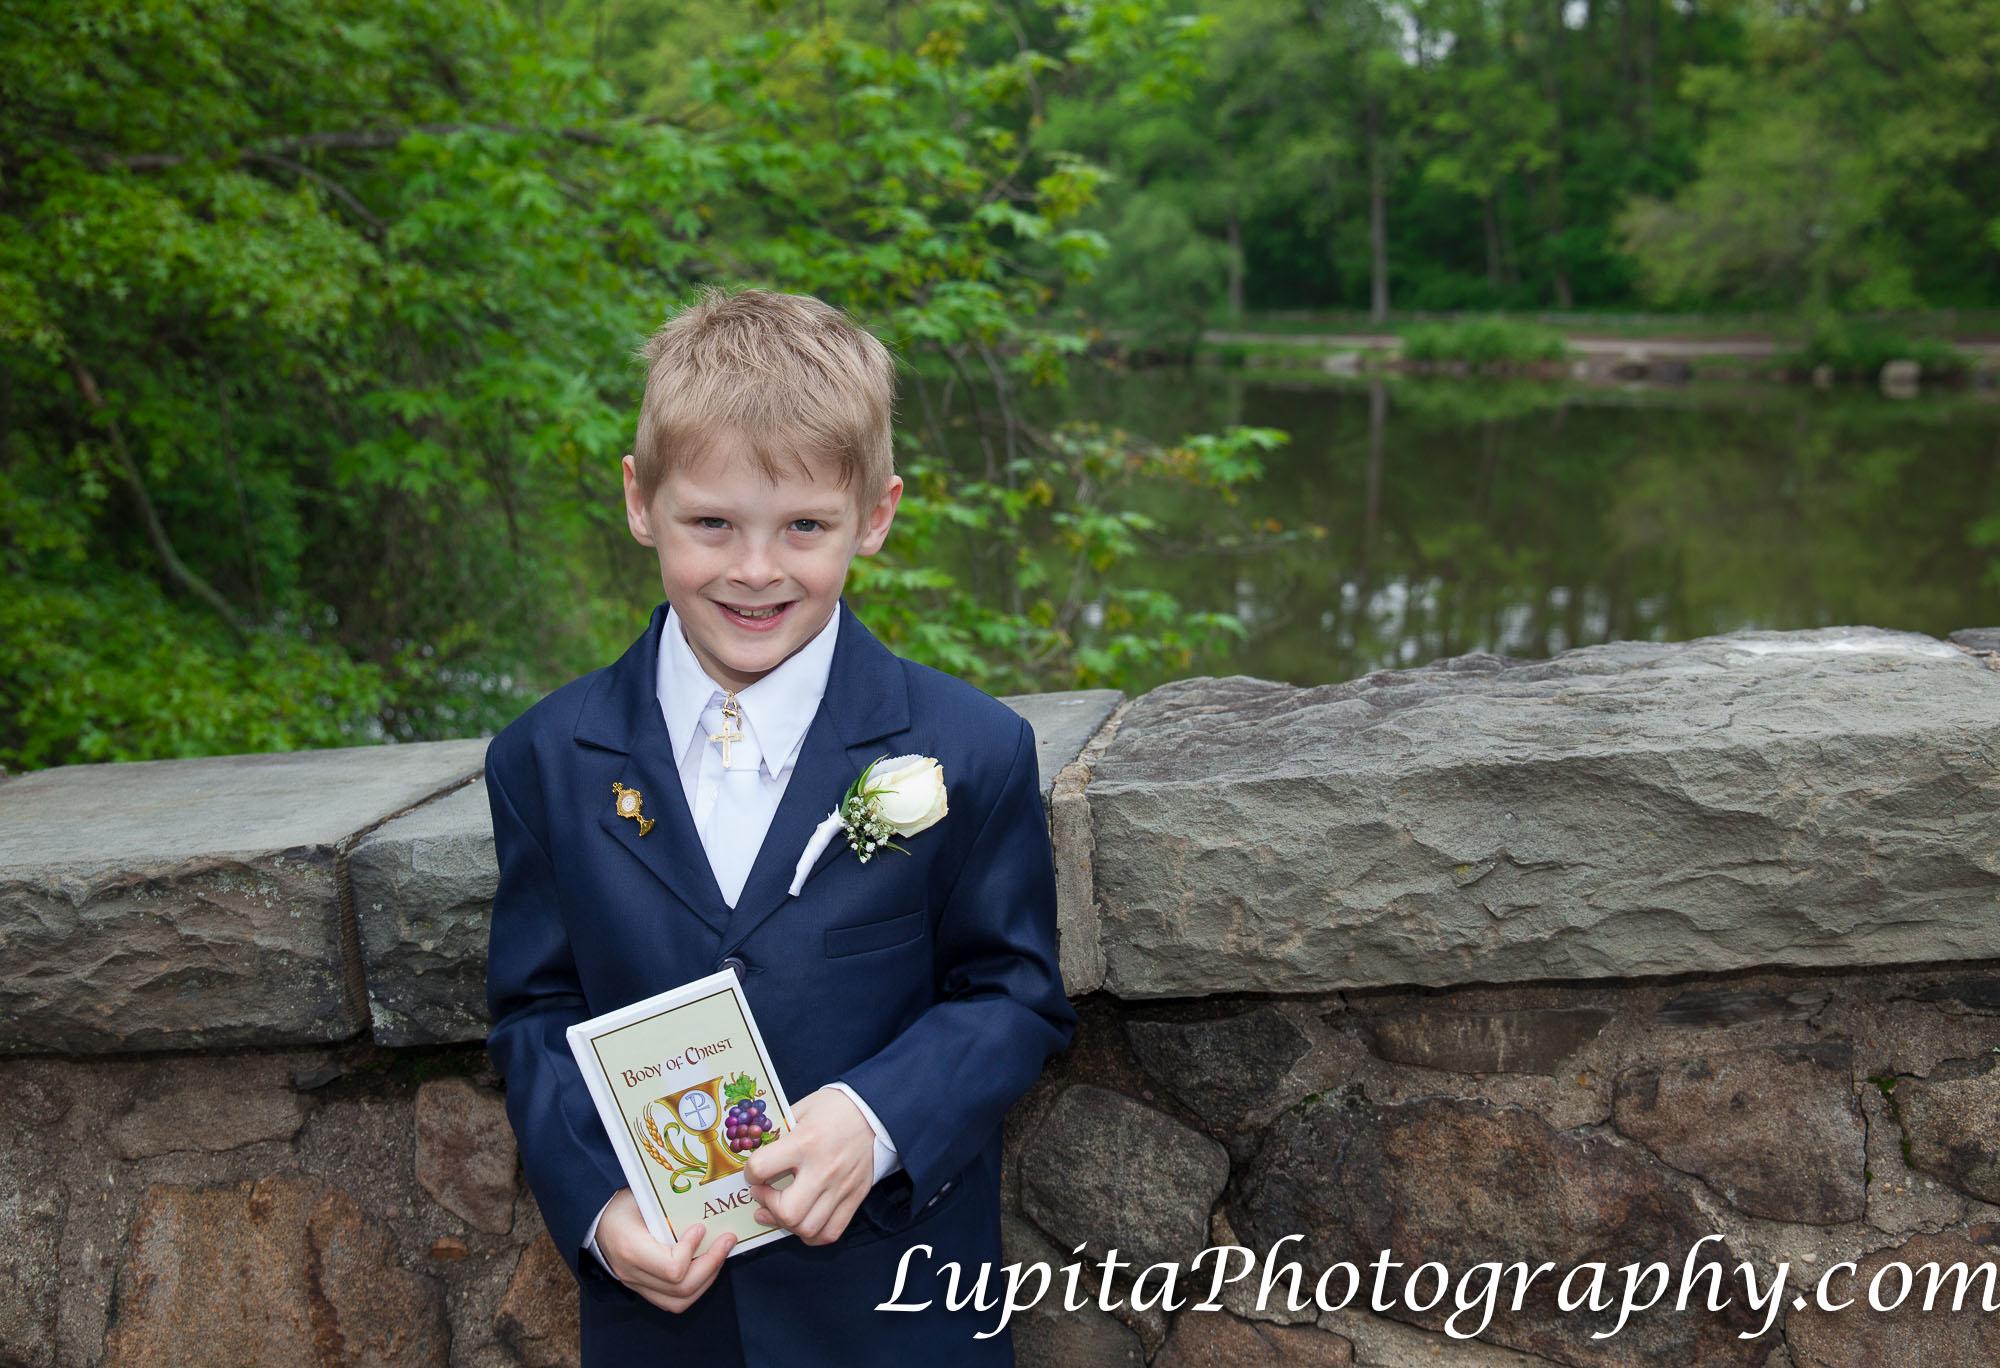 """Ryan celebrating his first communion at The Stone House at Clove Lakes in Staten Island, New York City. Ryan celebrando su primera comunión en la """"The Stone House"""" en Clove Lakes en Staten Island, Ciudad de Nueva York."""